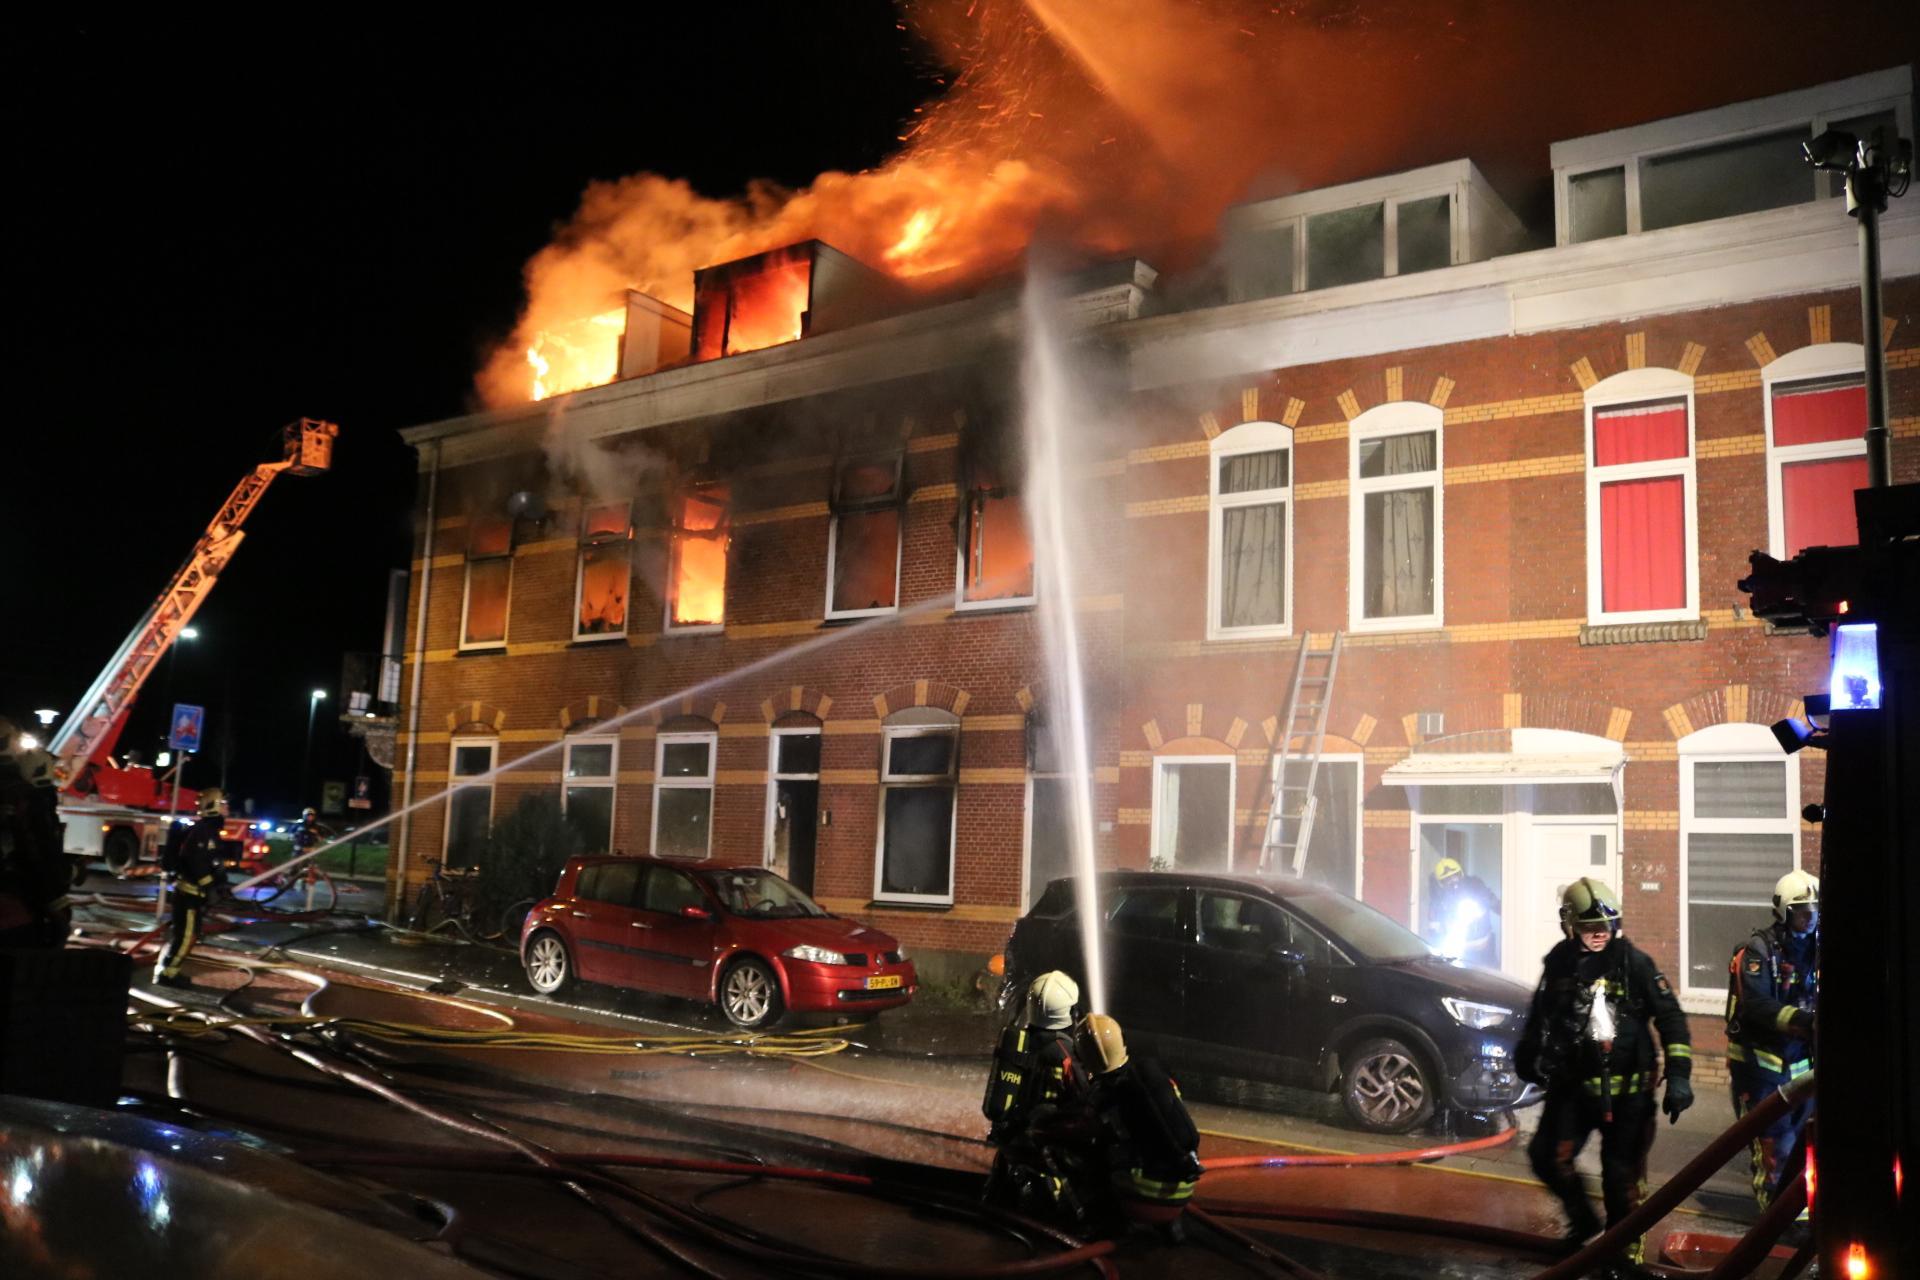 Live uit de rechtszaal: Hillegommer die bekend heeft fatale brand te hebben aangestoken, staat terecht. Chinese sterrenkundestudent Maolin Zhang (27) kon niet aan vuurzee ontsnappen